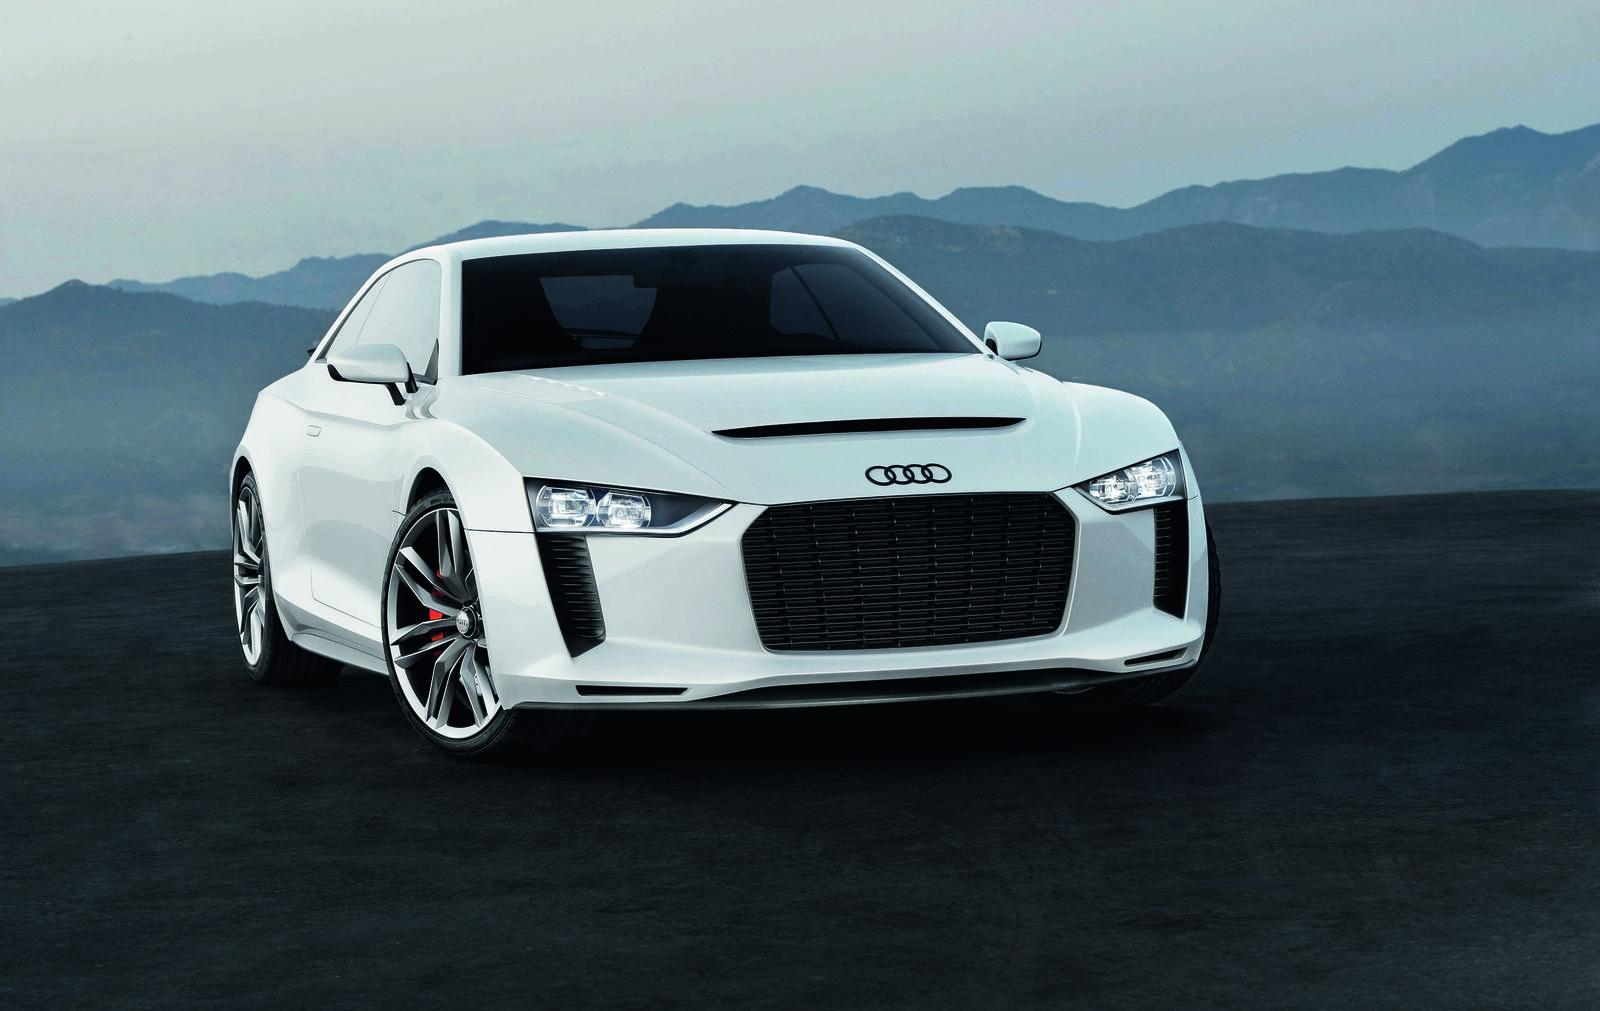 Audi Quattro Concept To Use Stretched Audi A Platform GTspirit - Audi quattro